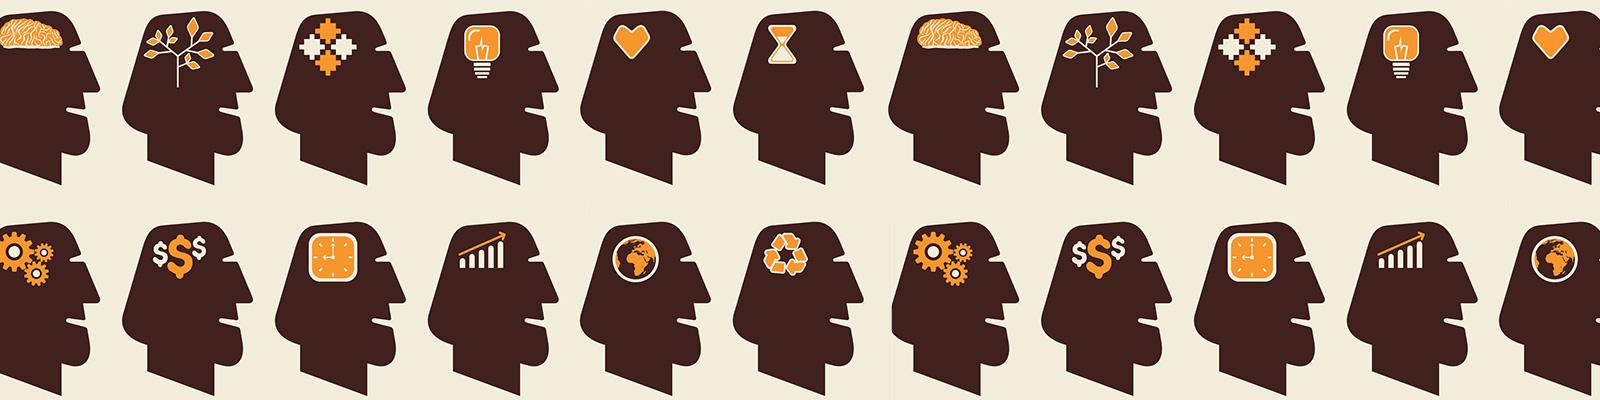 AI 脳 イメージ